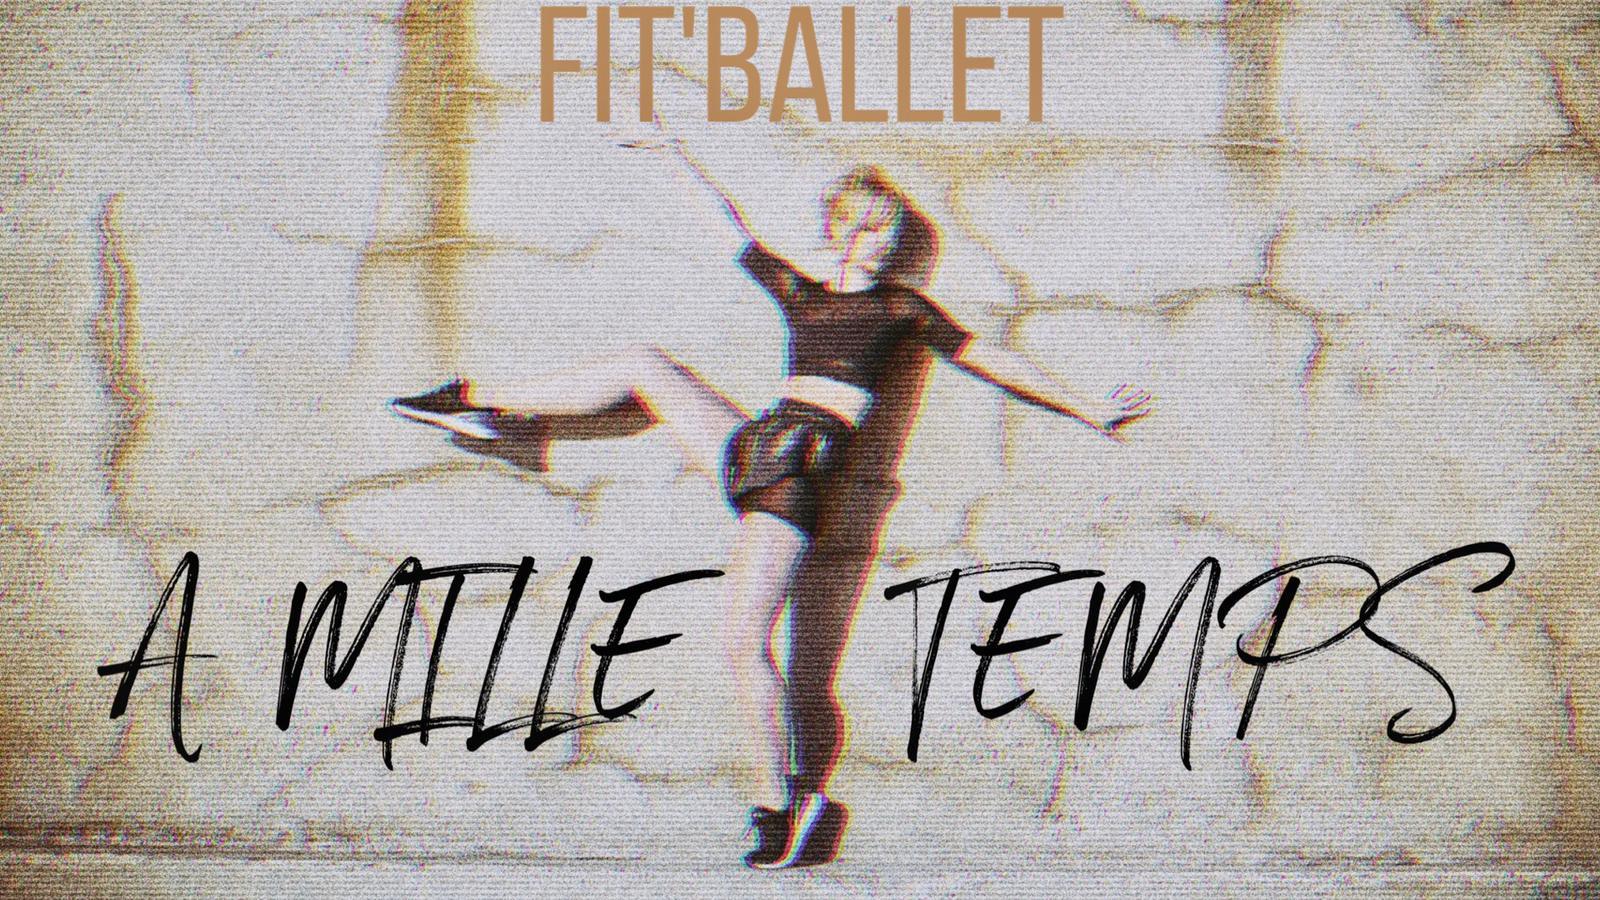 Fit'Ballet à mille Temps